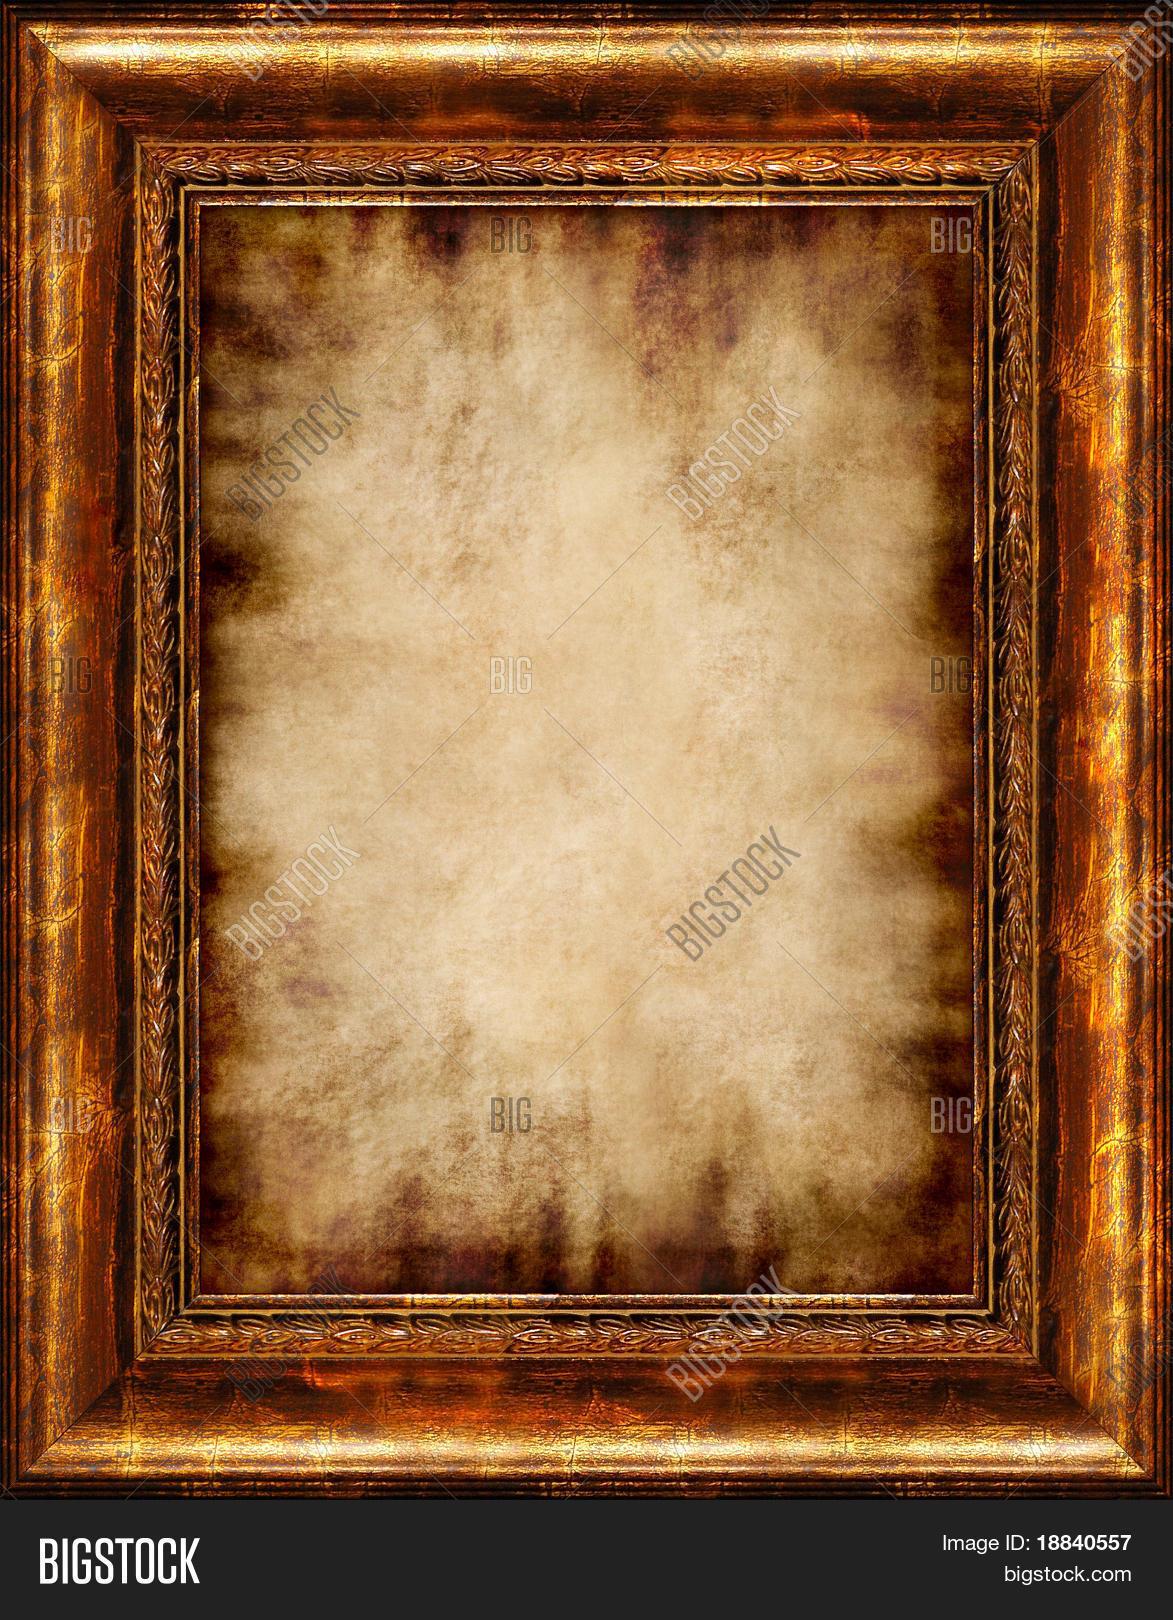 Imagen y foto Fondo Antiguo (prueba gratis) | Bigstock